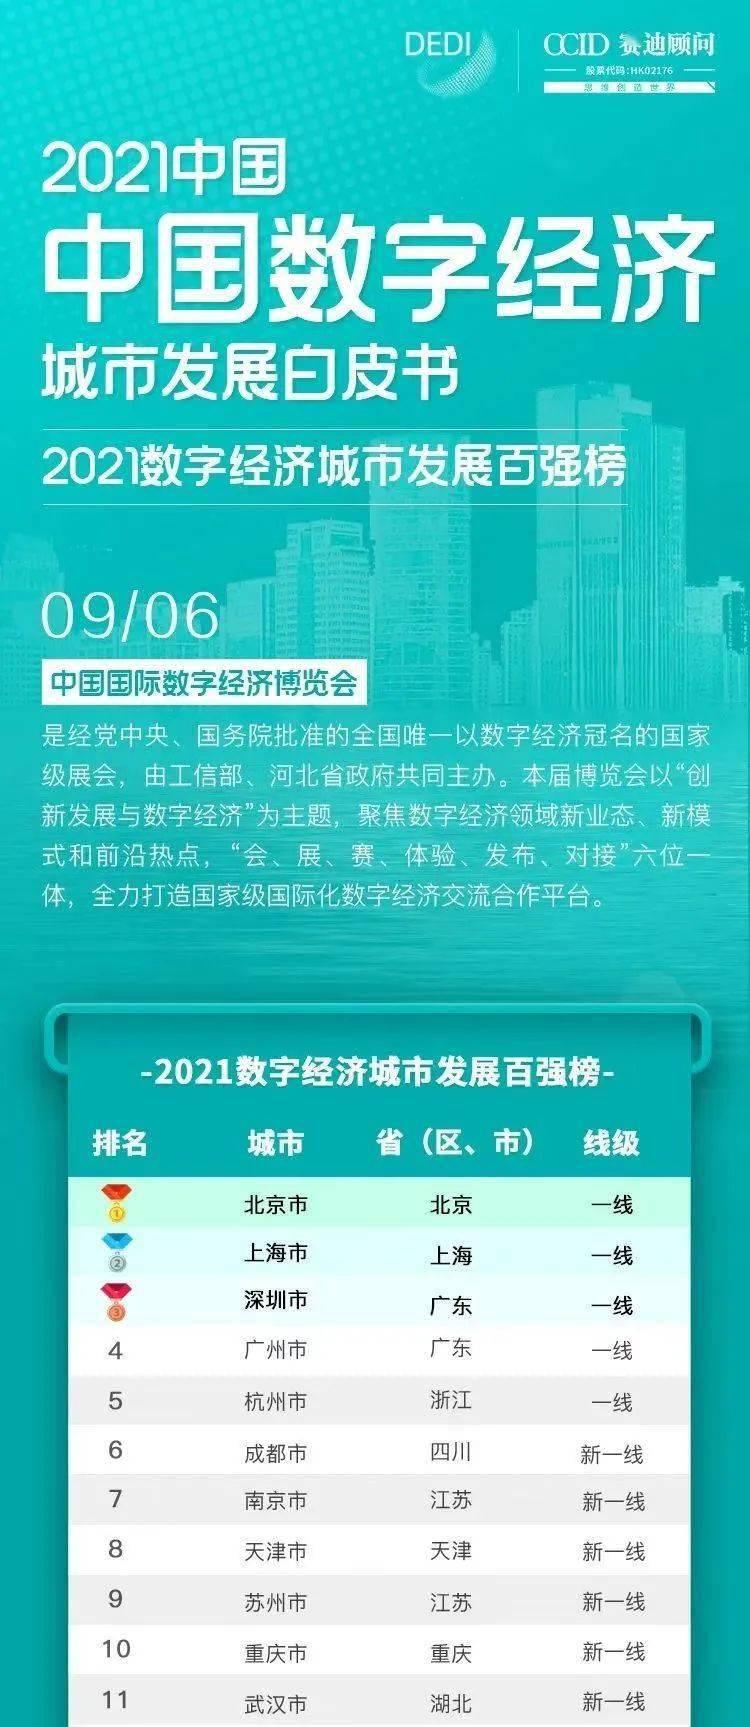 山东gdp城市排名_2020年上半年山东省各地区GDP排名